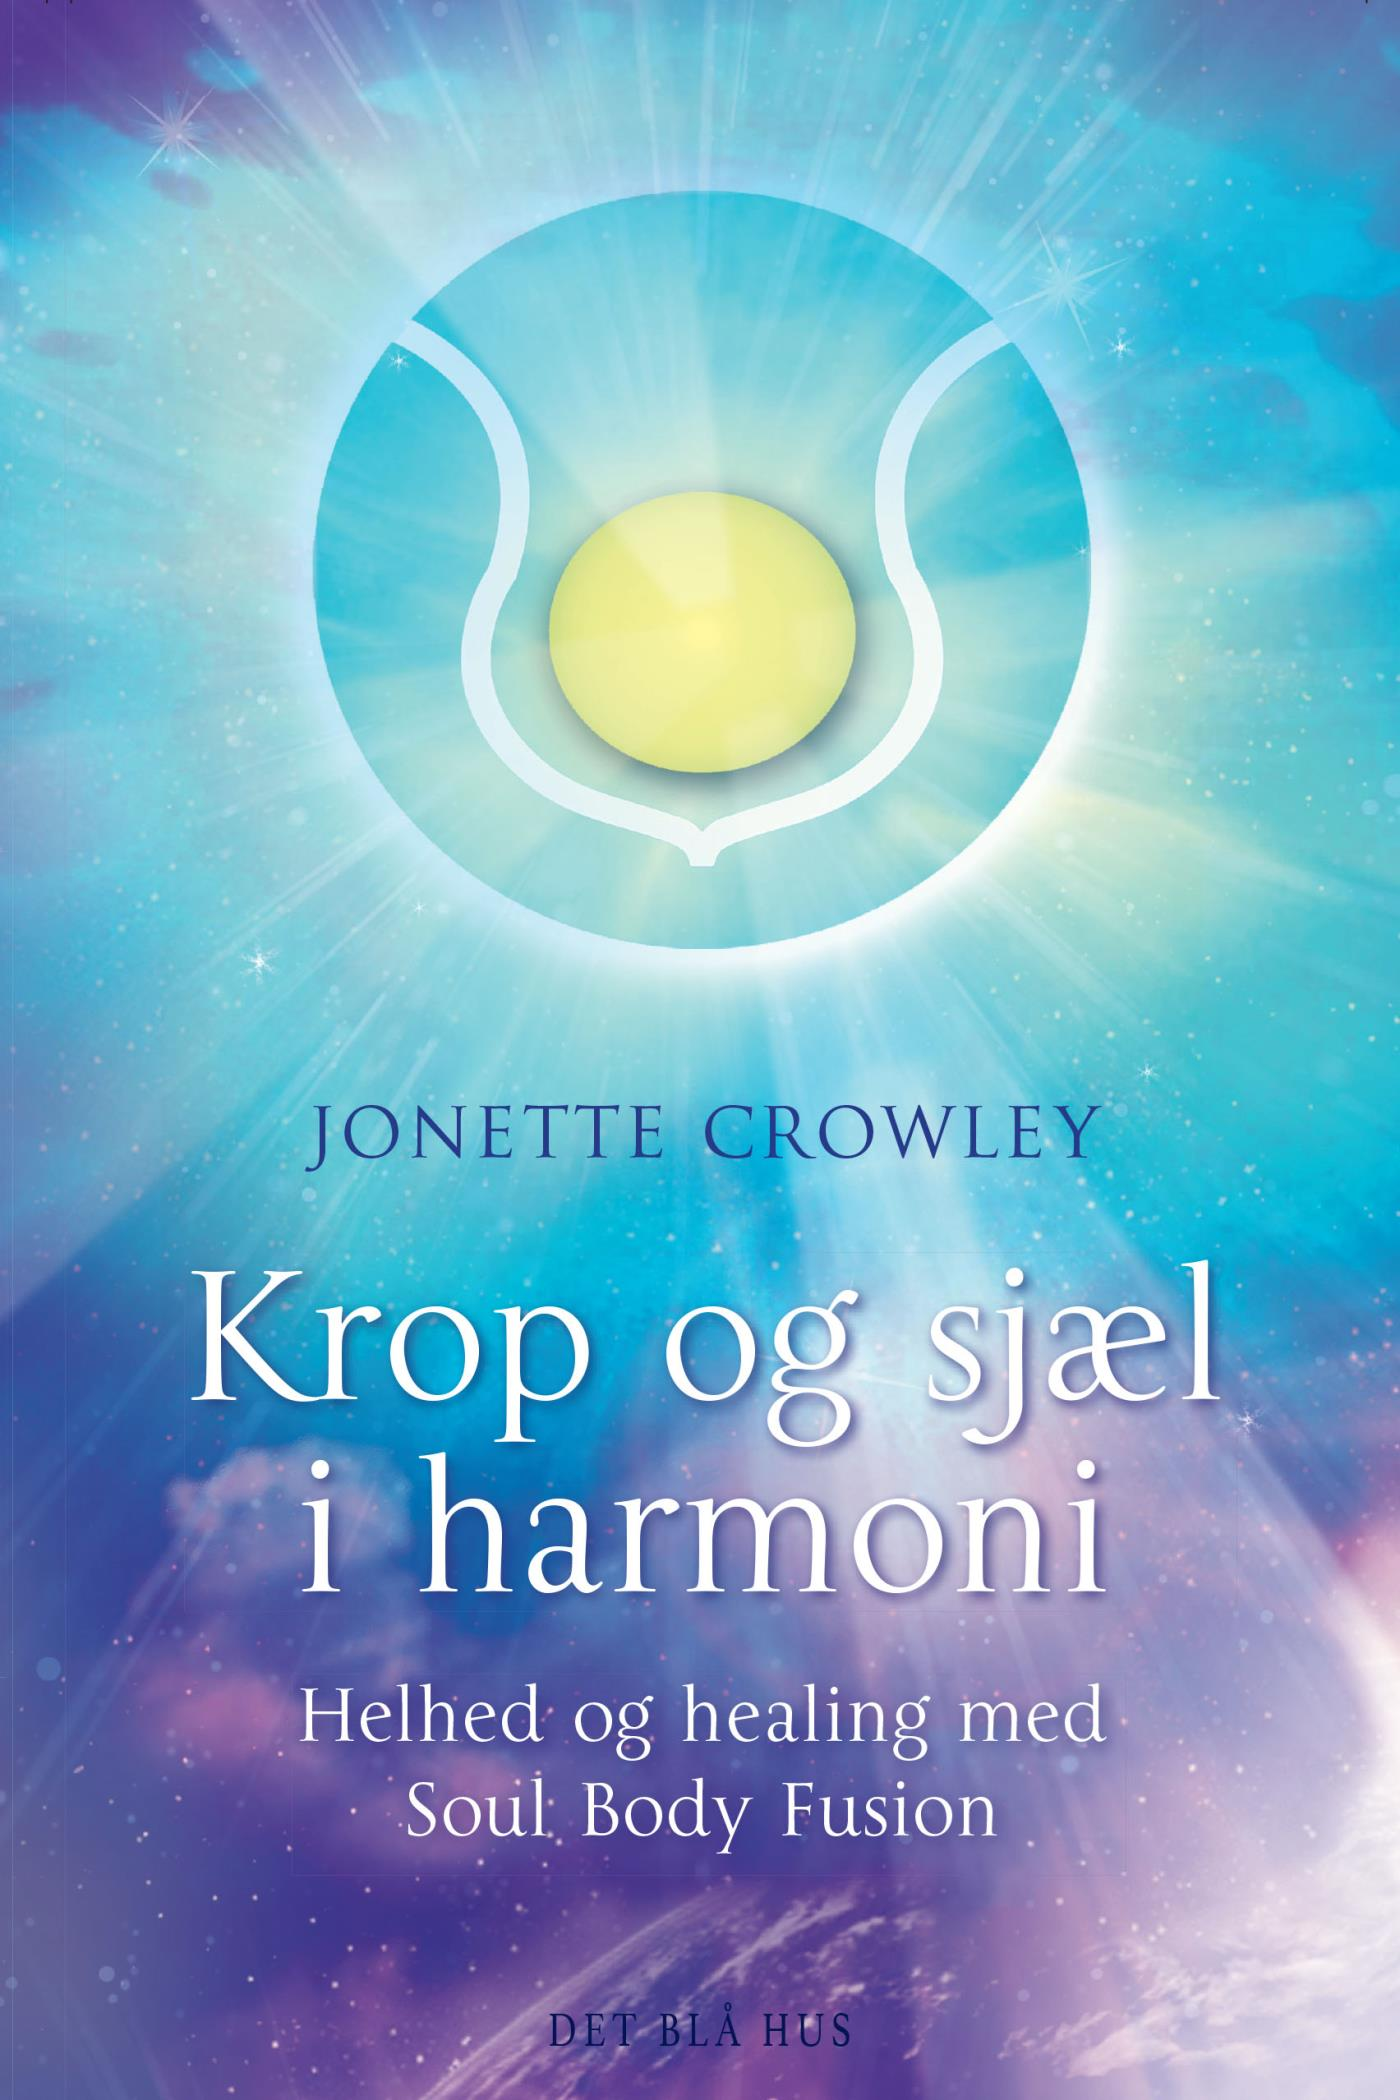 N/A – Krop og sjæl i harmoni - e-bog fra bog & mystik